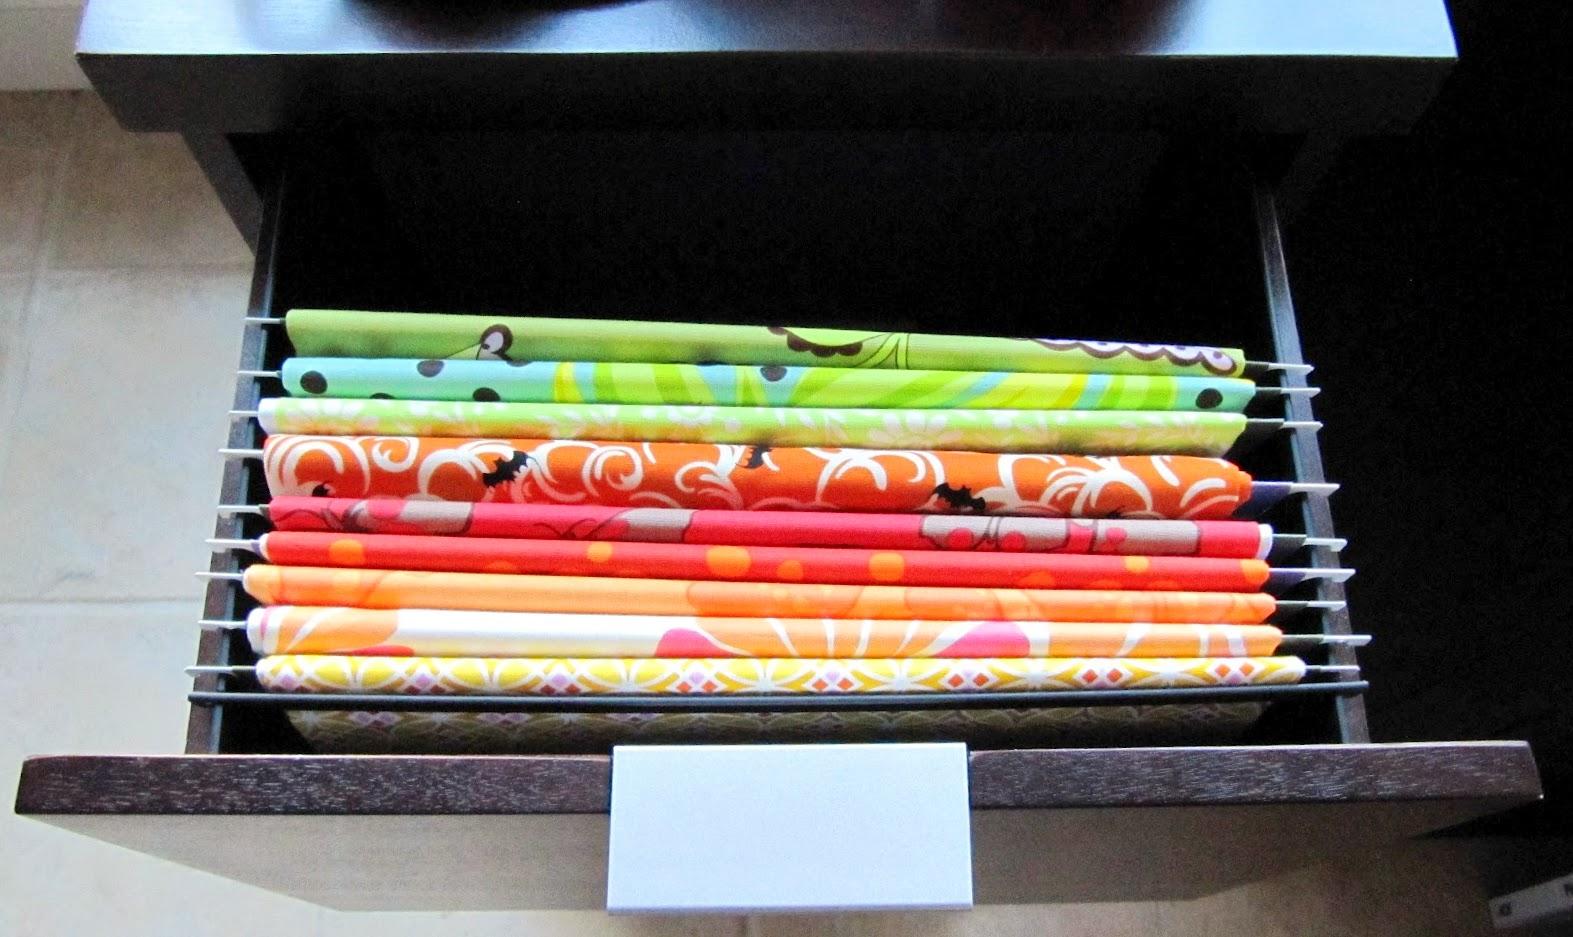 Tu Organizas.: 19 maneiras de organizar seus tecidos #BB5610 1573x937